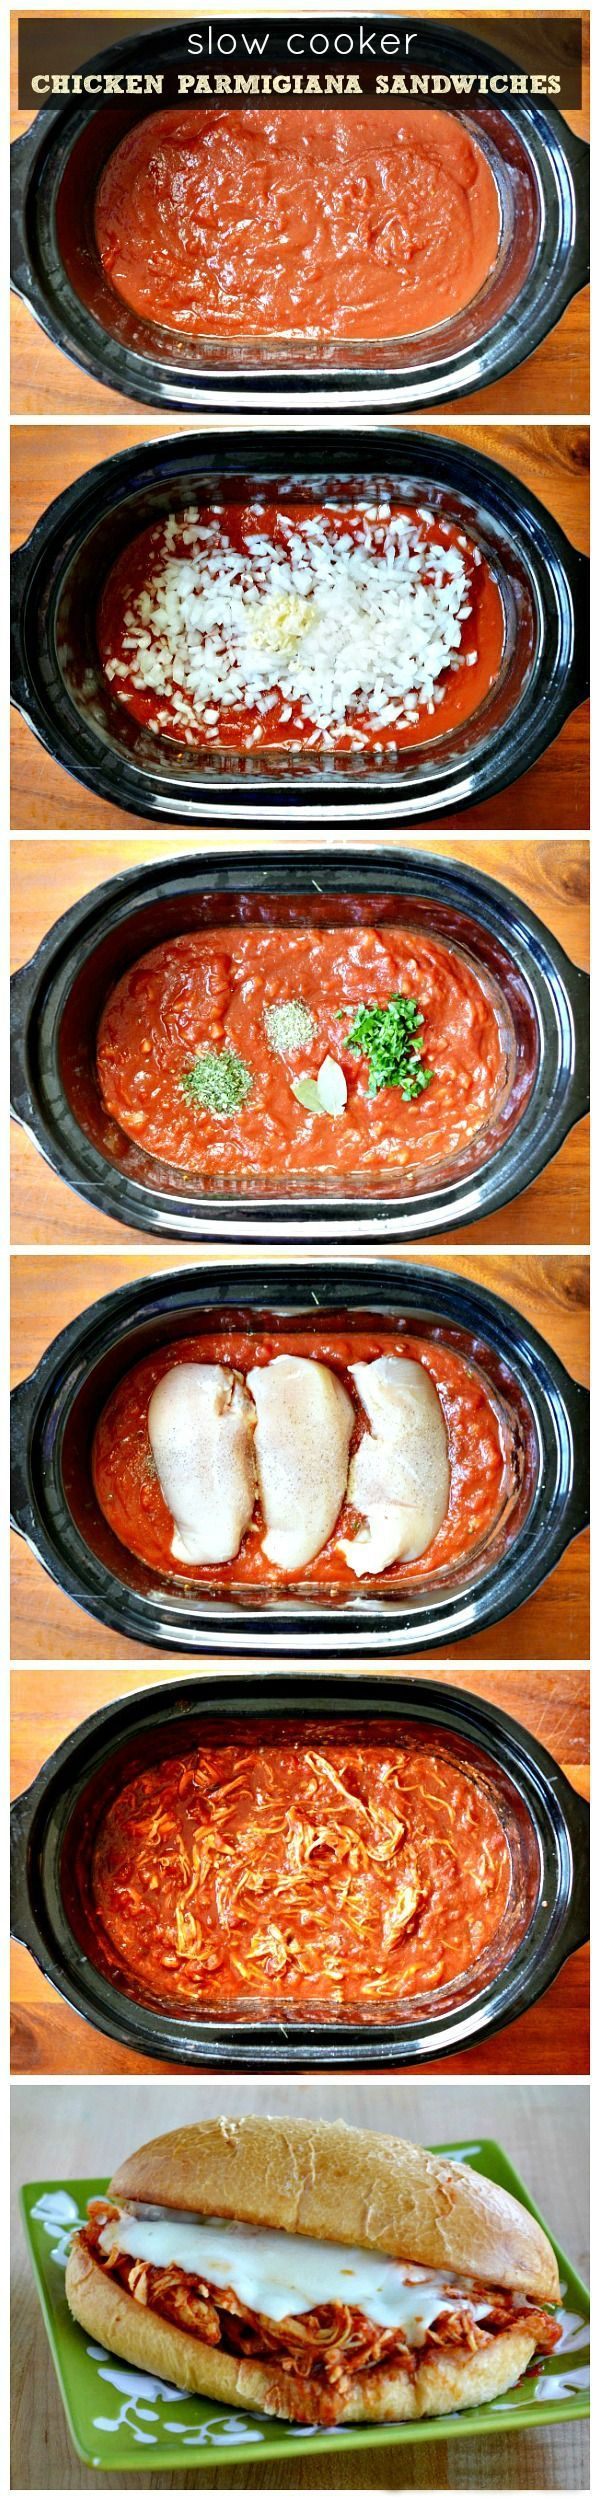 Slow Cooker Chicken Parmigiana Sandwiches Recipe